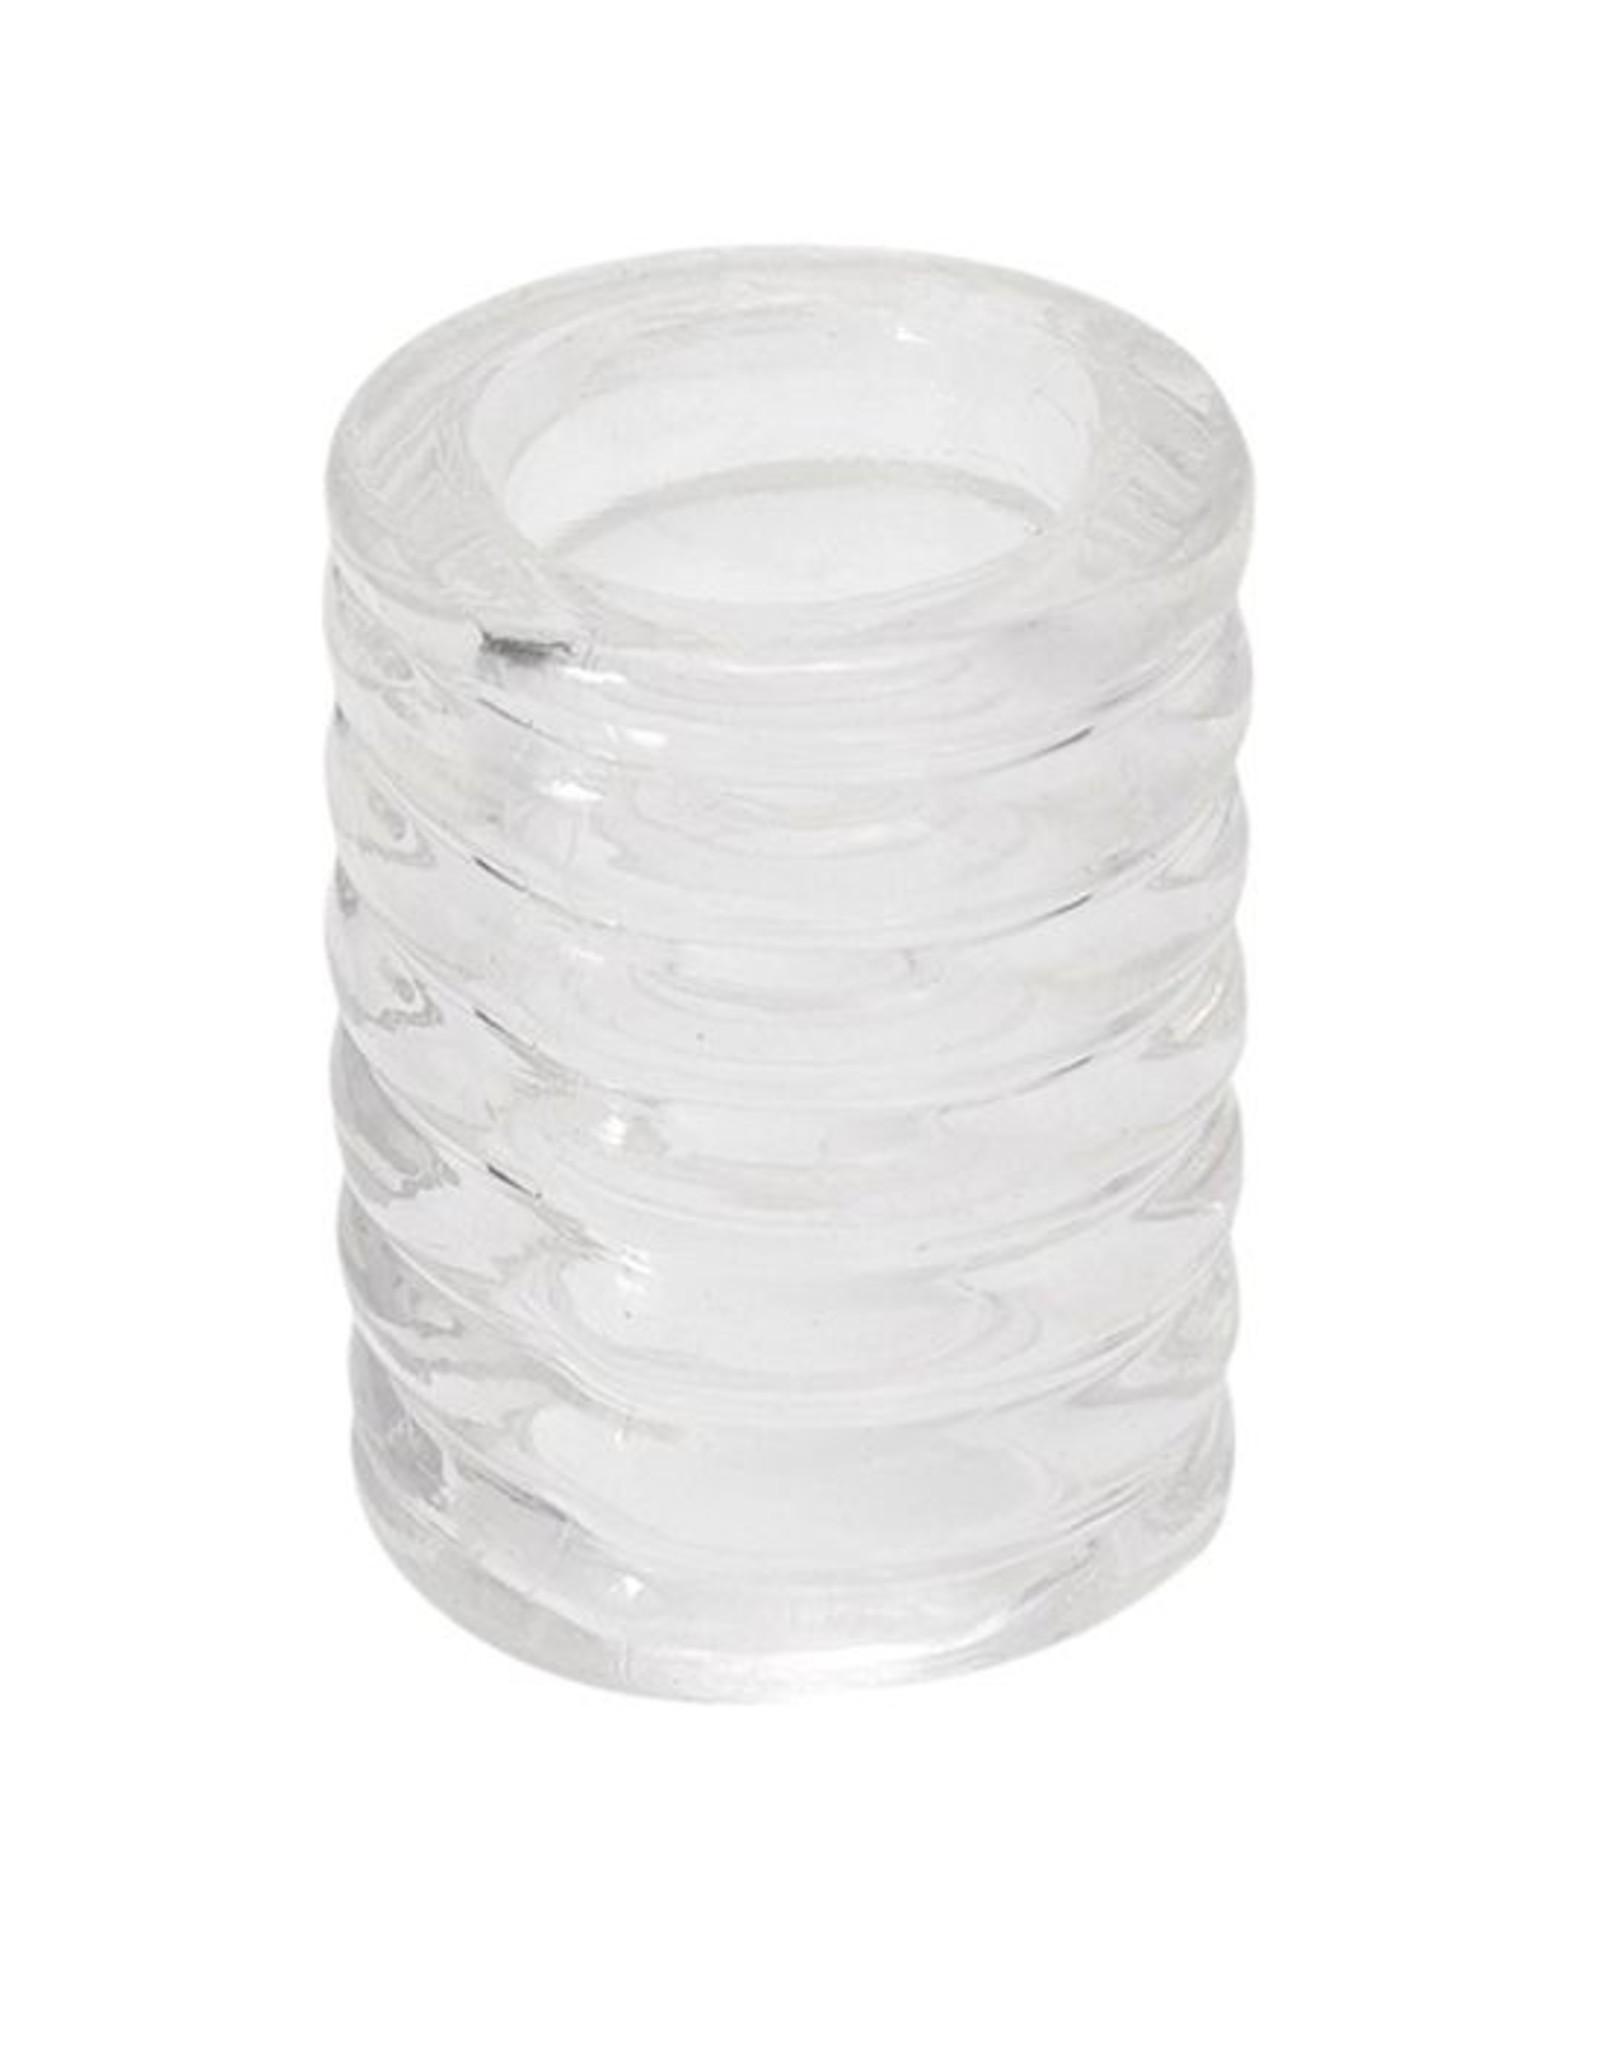 Titanmen - Cock Cage - transparent